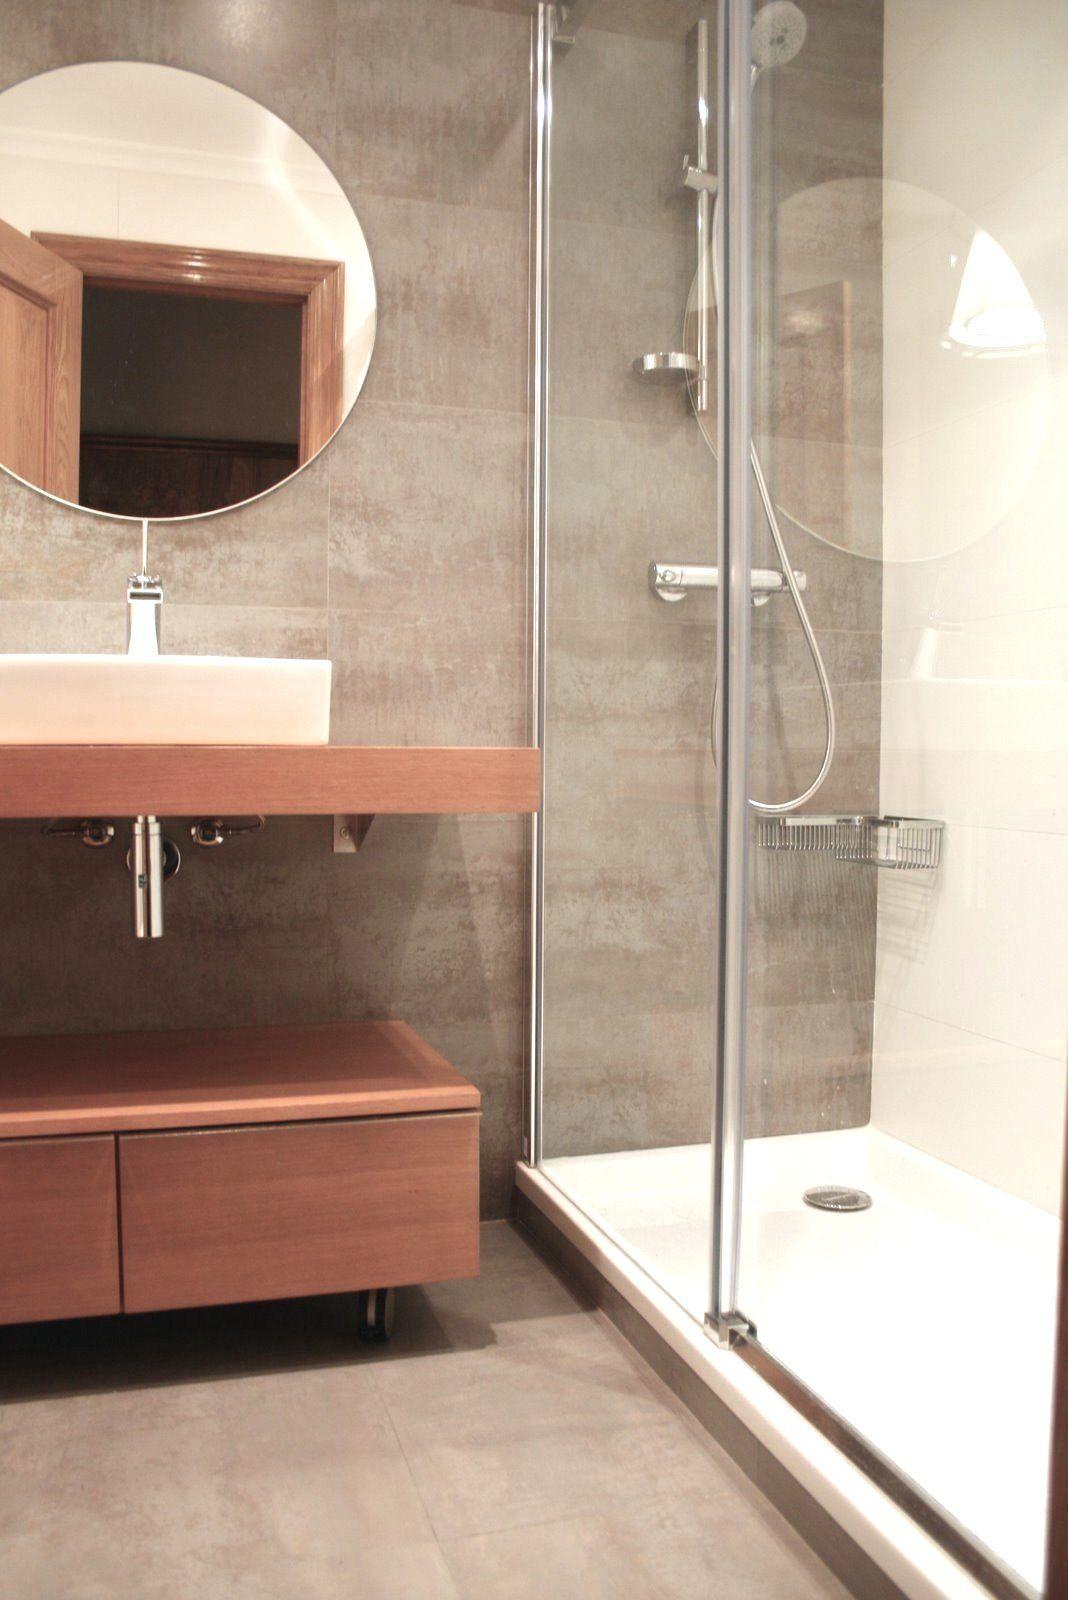 Ideas de #Baño, estilo #Contemporaneo color #Marron, #Beige ...